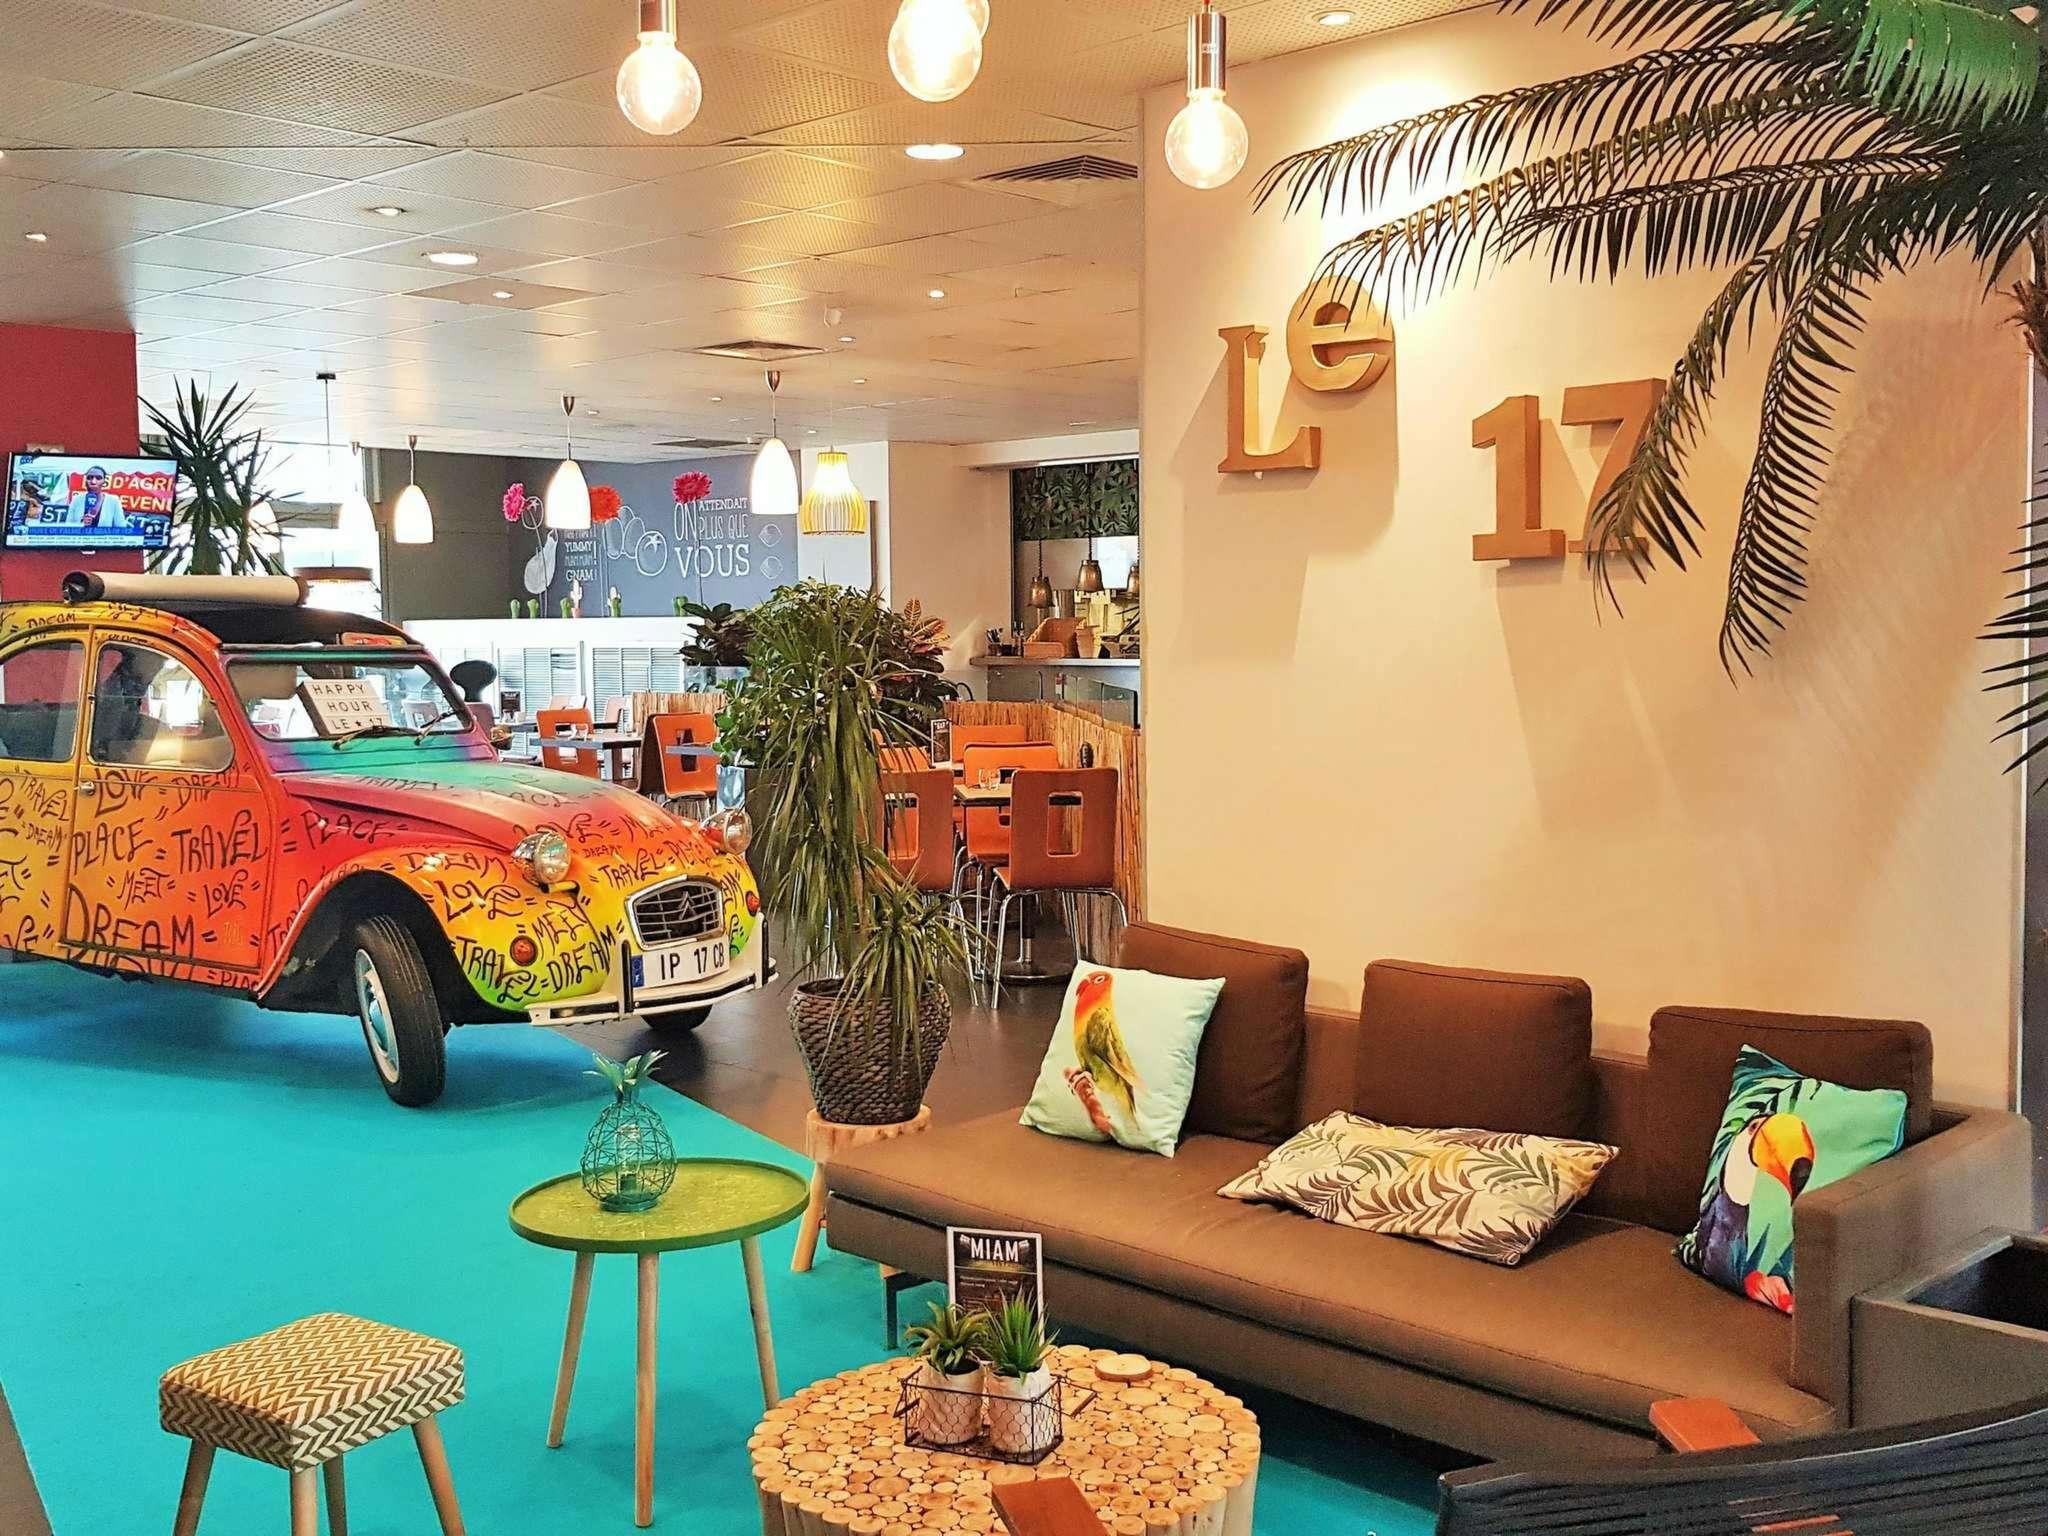 โรงแรม – ไอบิส ปารีส เขต 17 กลีชี บาติยอล